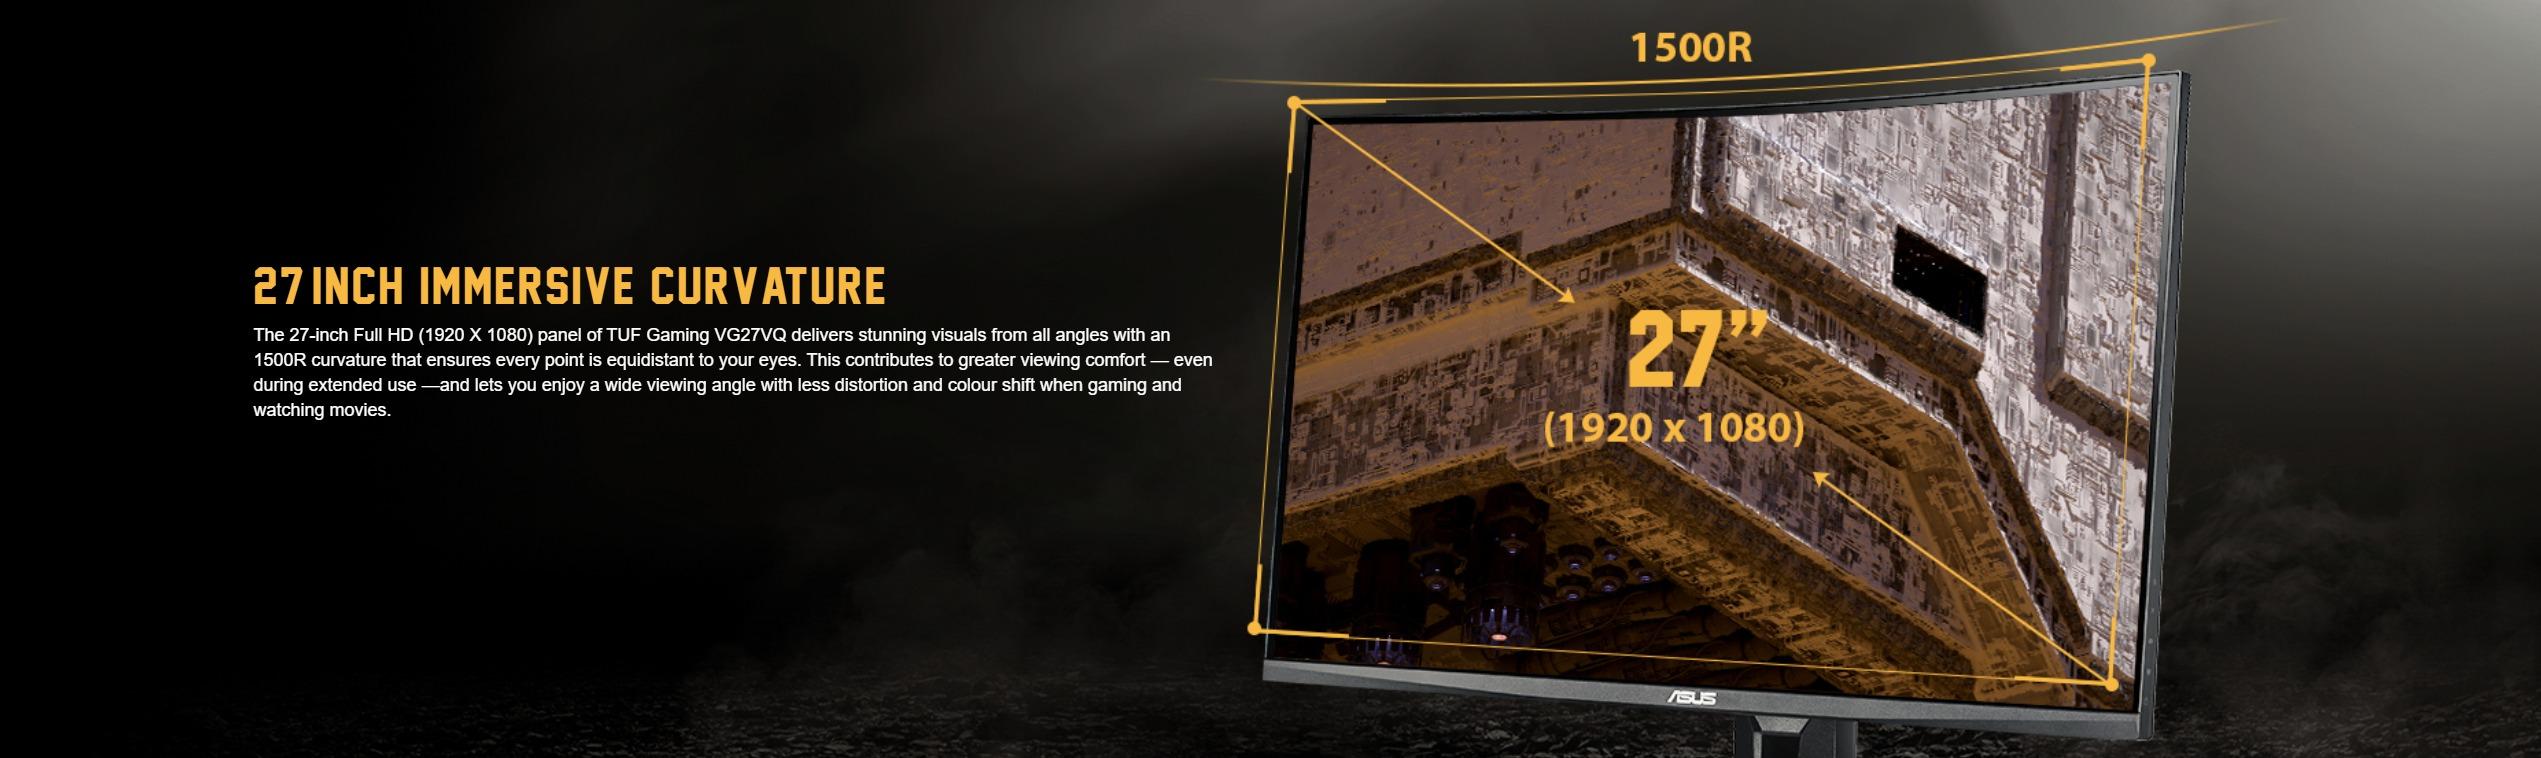 Màn hình ASUS TUF Gaming VG27VQ cong